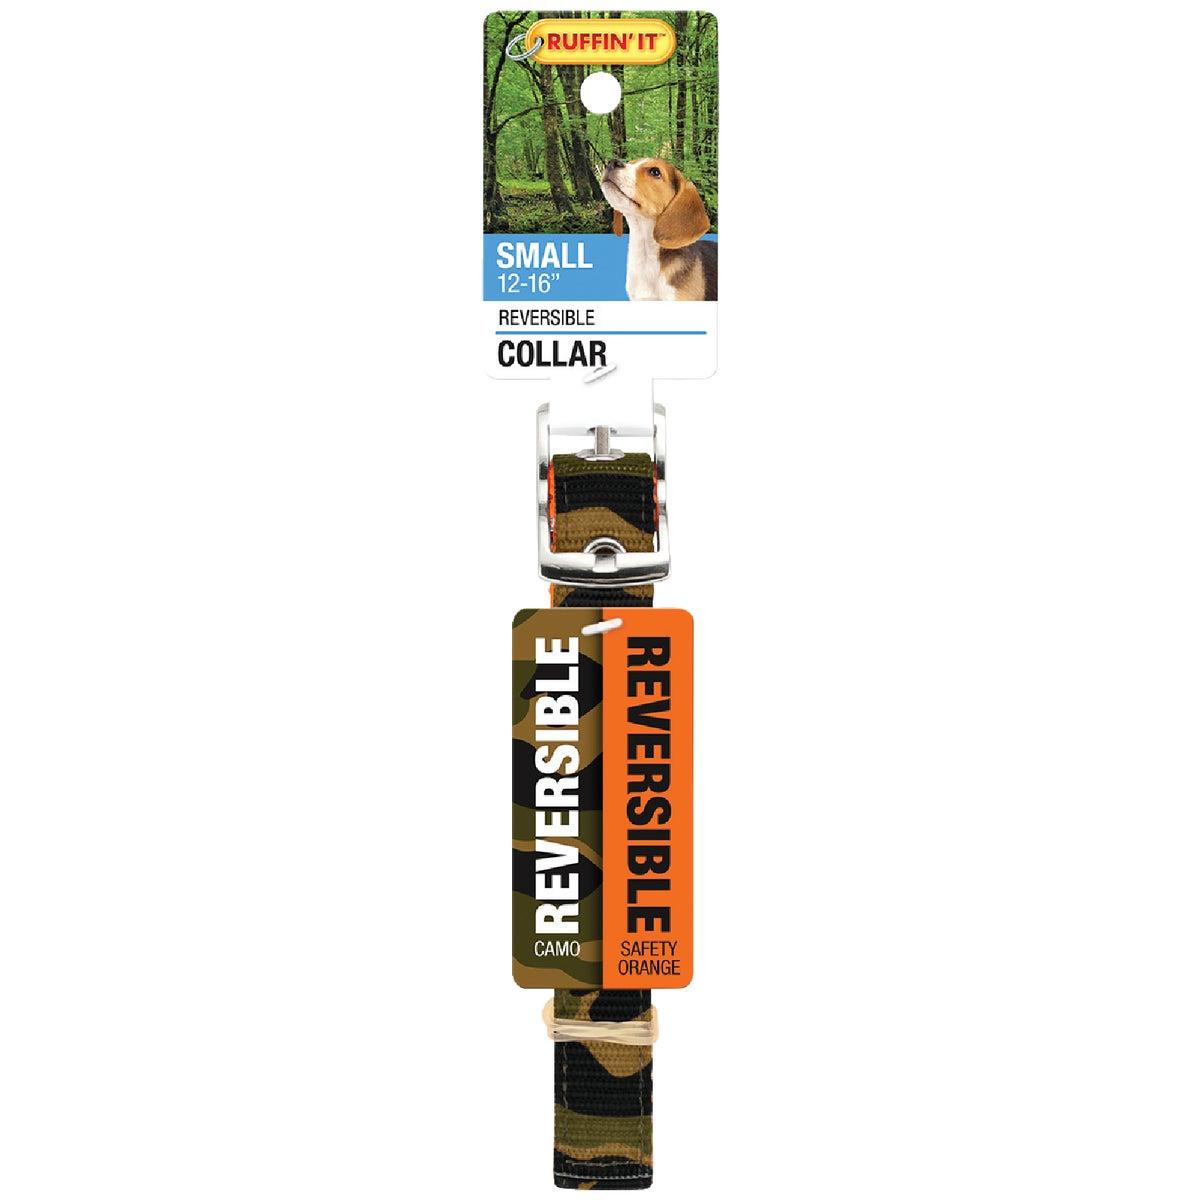 SM CAMO/ORANG REV COLLAR - 31301 by Westminster Pet